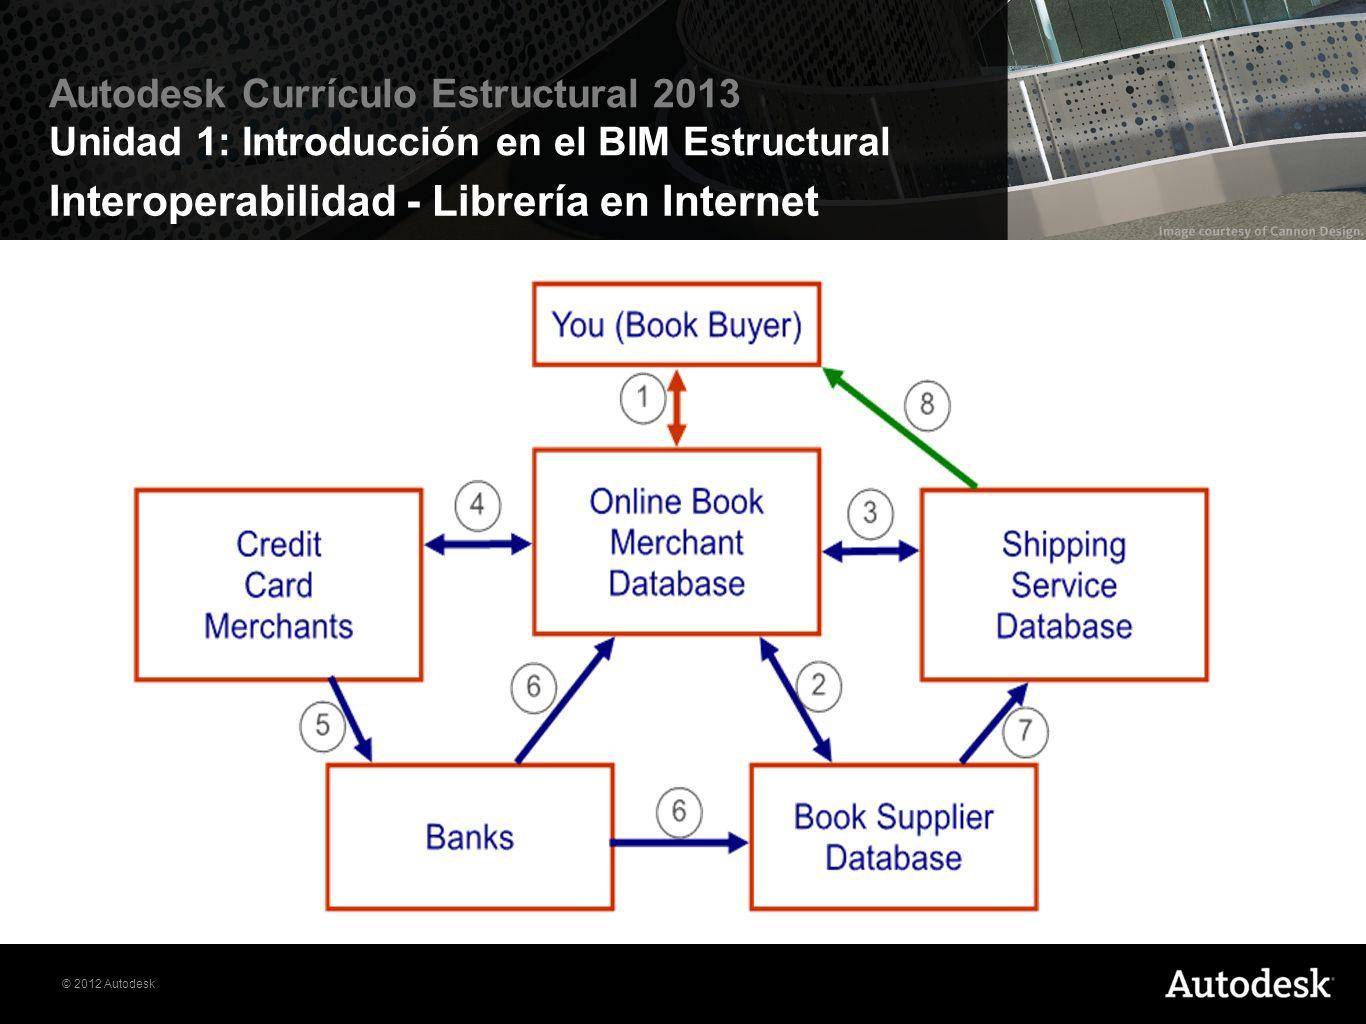 © 2012 Autodesk Autodesk Currículo Estructural 2013 Unidad 1: Introducción en el BIM Estructural Interoperabilidad - Librería en Internet